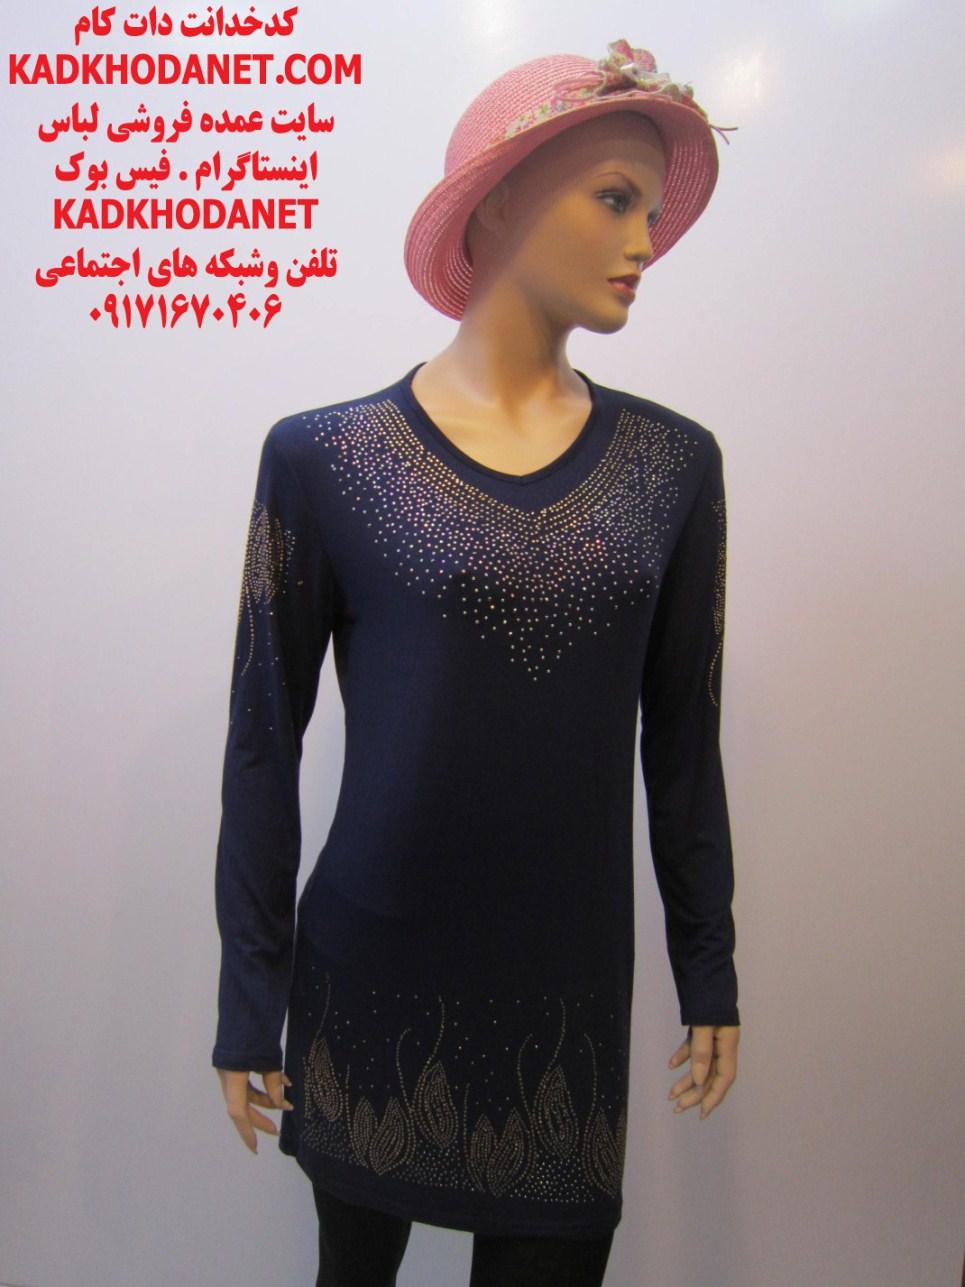 فروشگاه لباس زنانه فروشی (1)